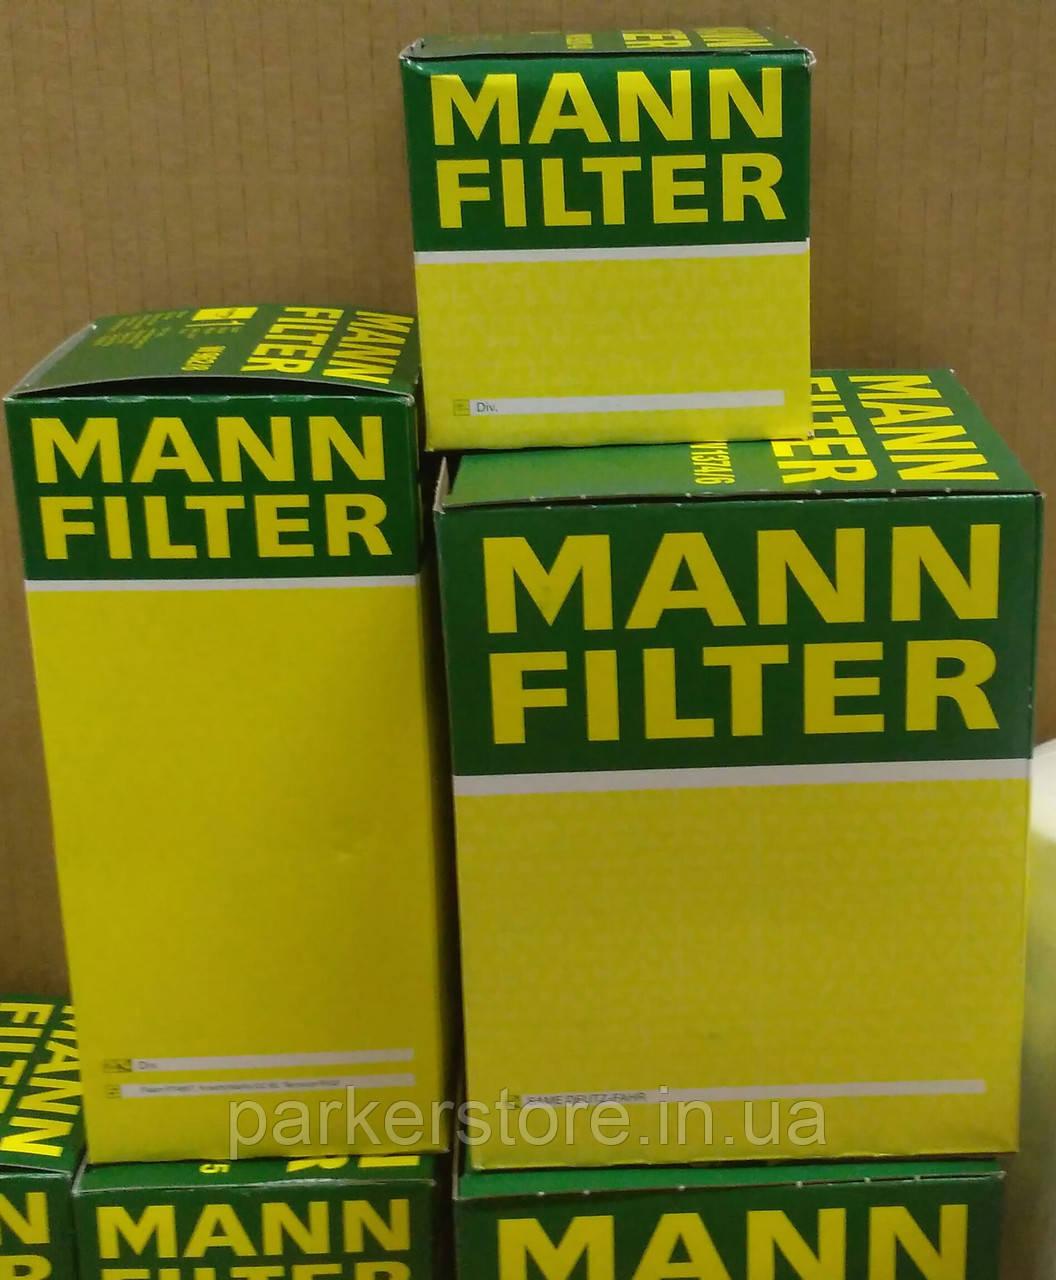 MANN FILTER / Воздушный фильтр / C 29 121 / C29121